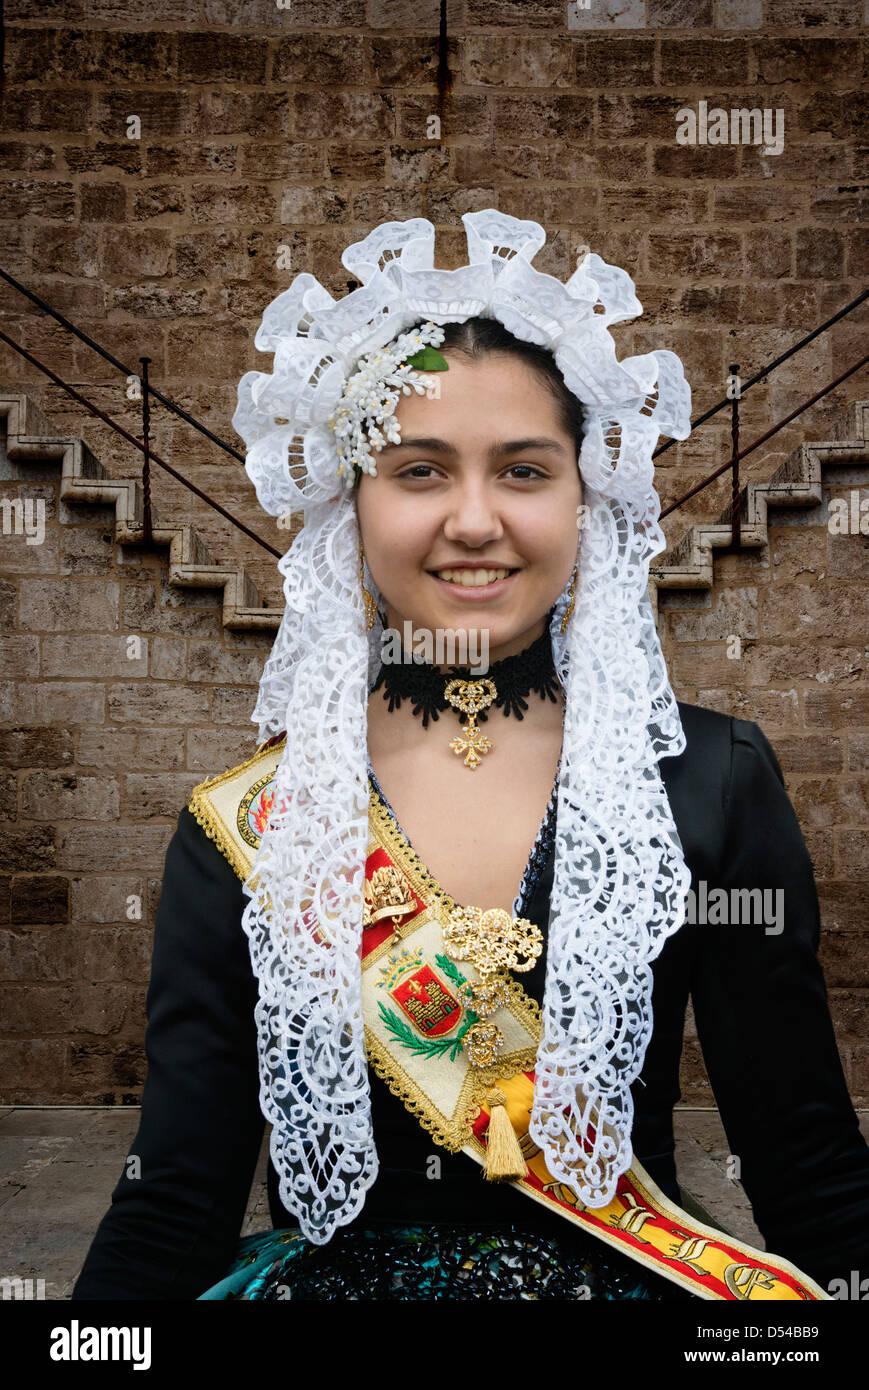 Chica española en traje tradicional incluyendo mantilla de encaje mantón o velo durante las fallas o Falles Imagen De Stock